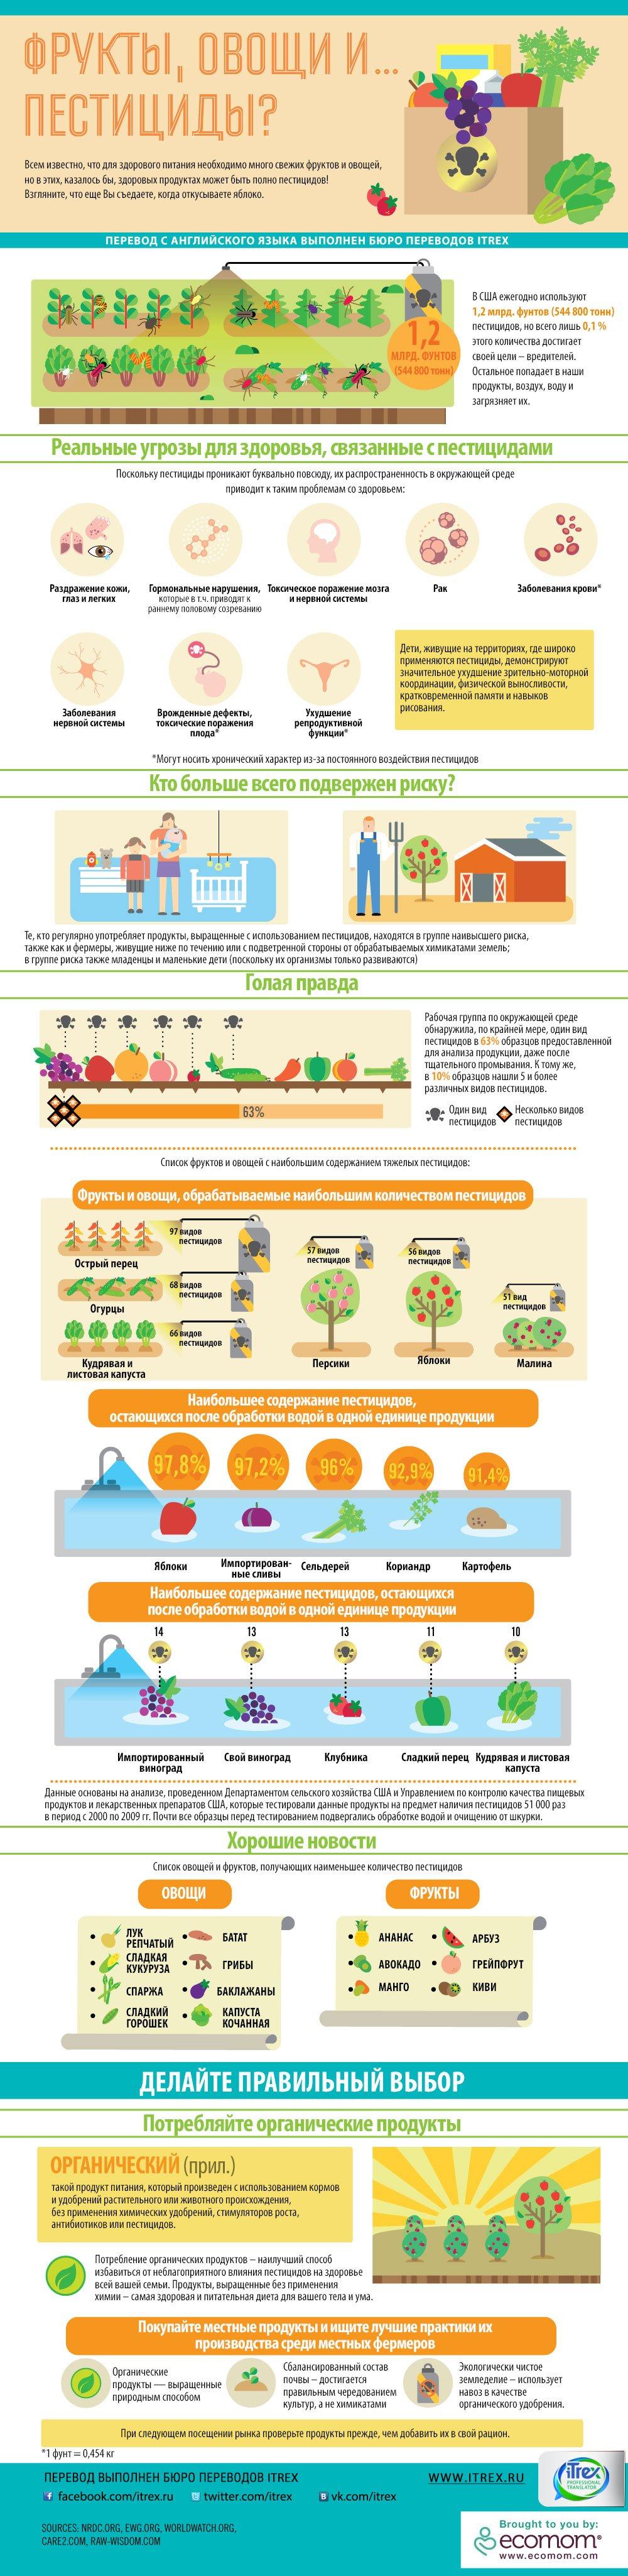 frukty ovoschi pestitsidy